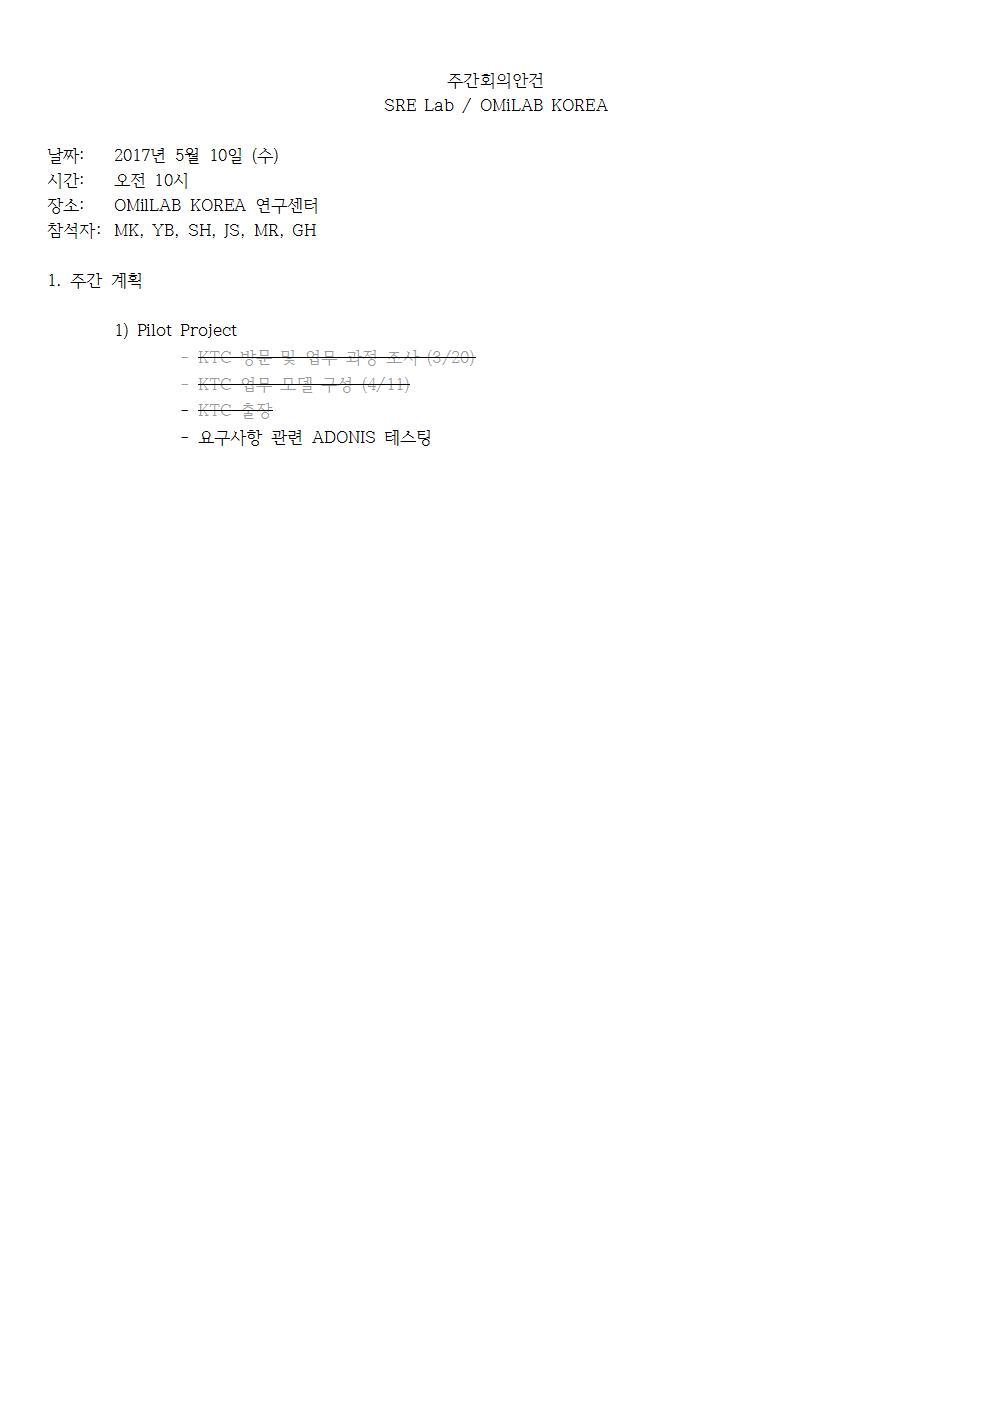 3-수-2017-05-10-PLAN(YB)001.jpg